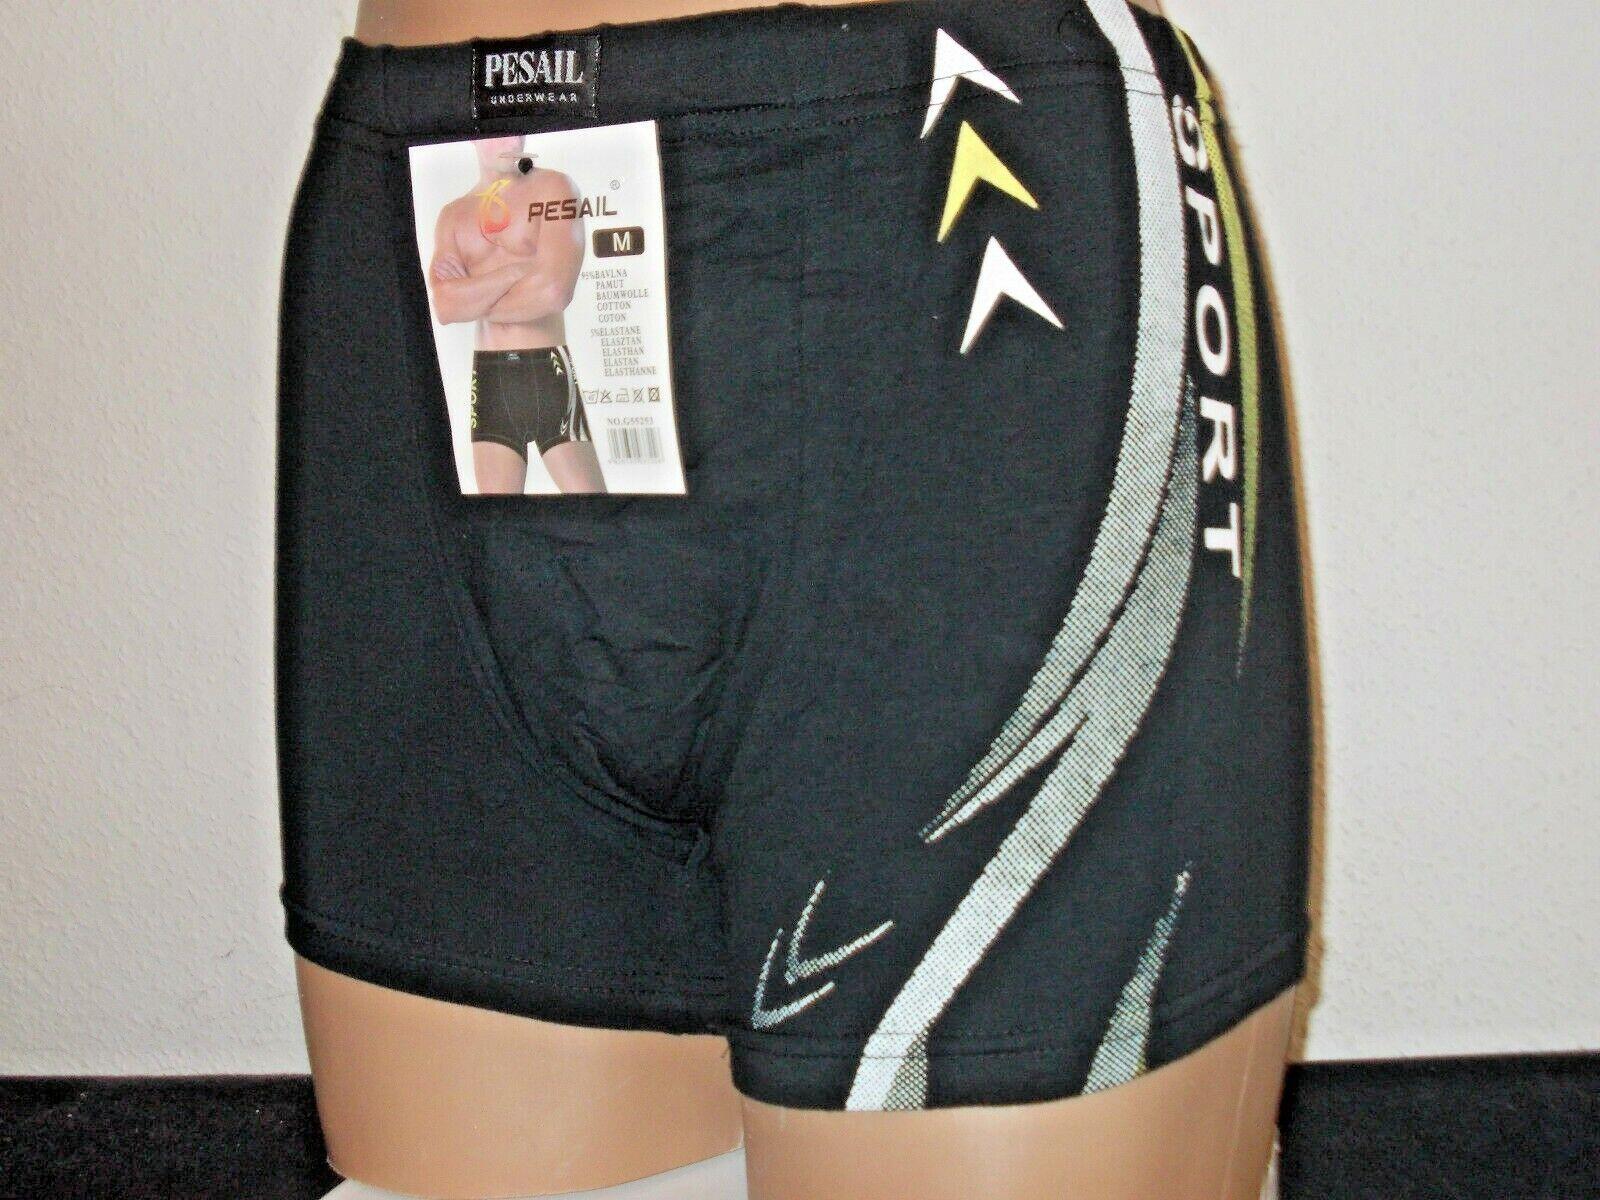 6624fb03d6 4 Herren Boxershorts - Retroshorts Wäsche Unterhosen Sport M L XL XXL XXXL*